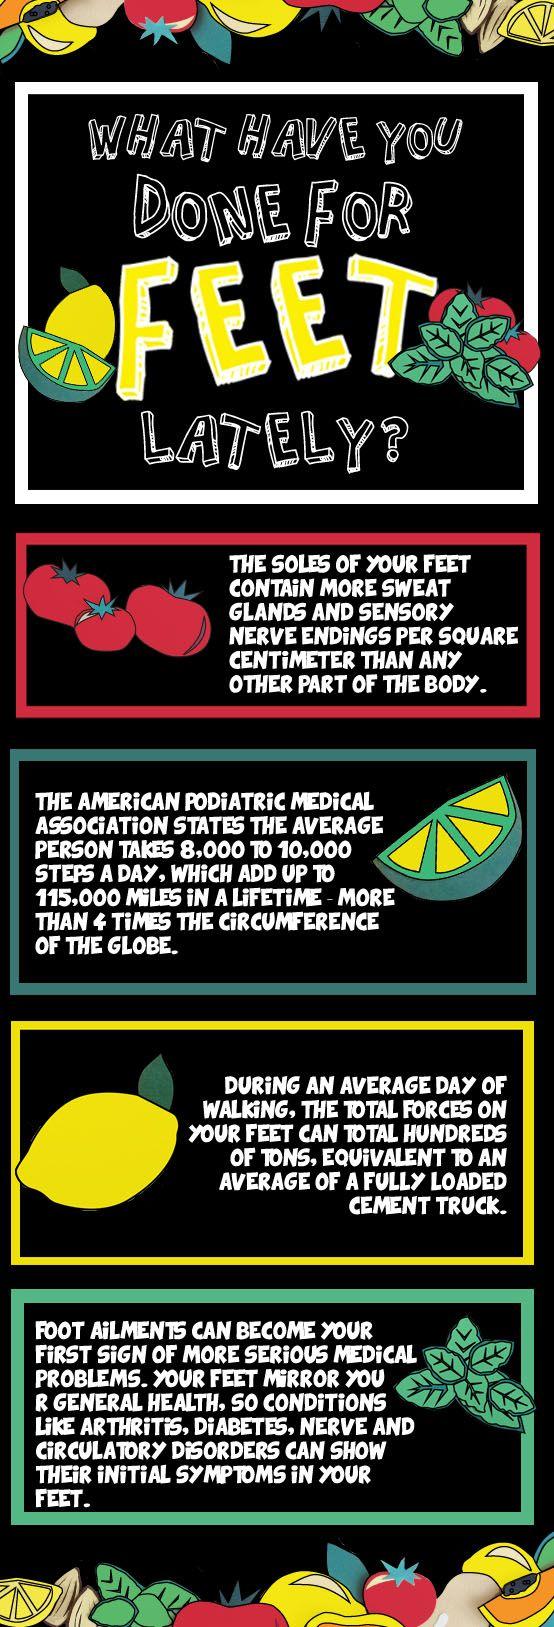 Unsere Fußpflegeprodukte haben unglaublich tolle Inhaltsstoffe! Manchmal auch sehr überraschende. Hättet ihr gedacht, dass Tomaten so gut für schön gepflegete Sommerfüßchen sind?